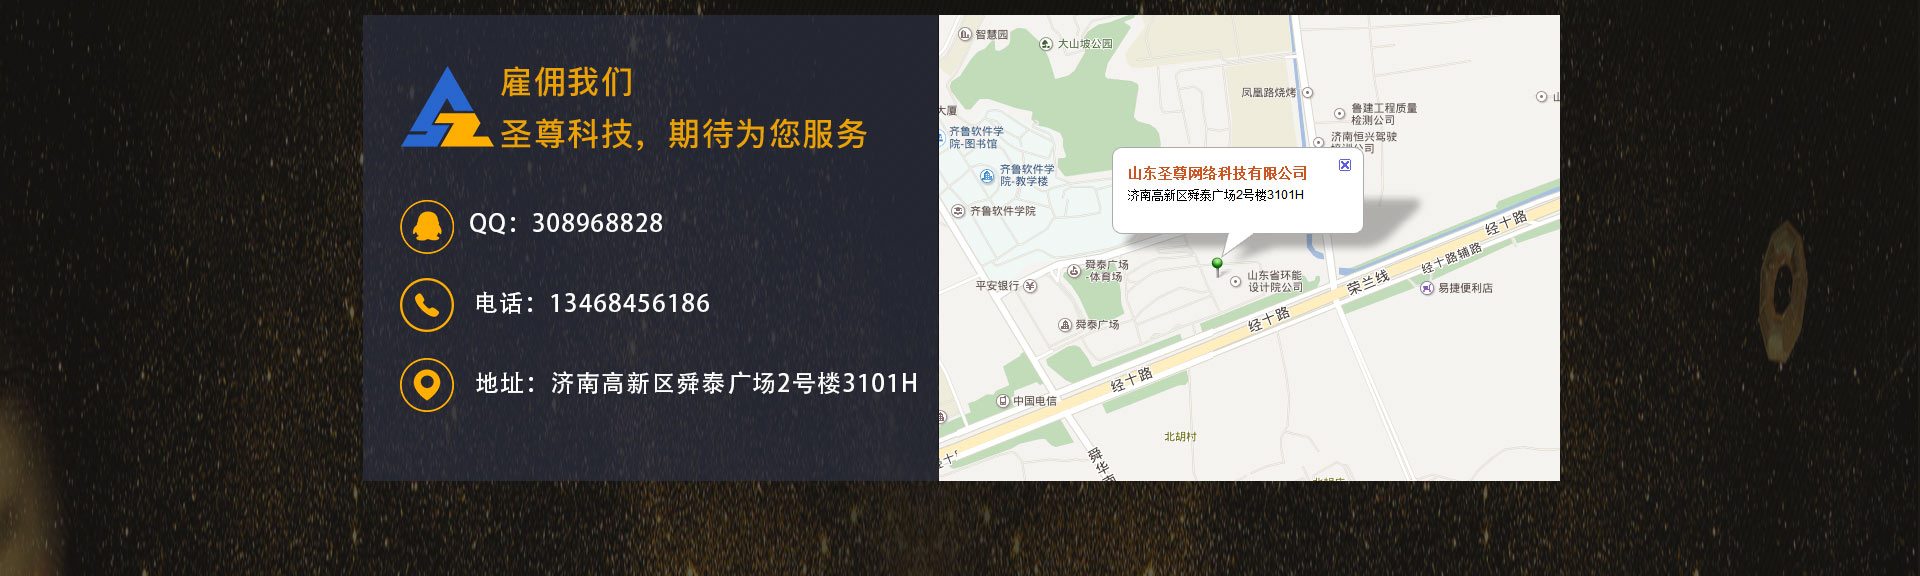 微信图片_20171020181935_23.jpg